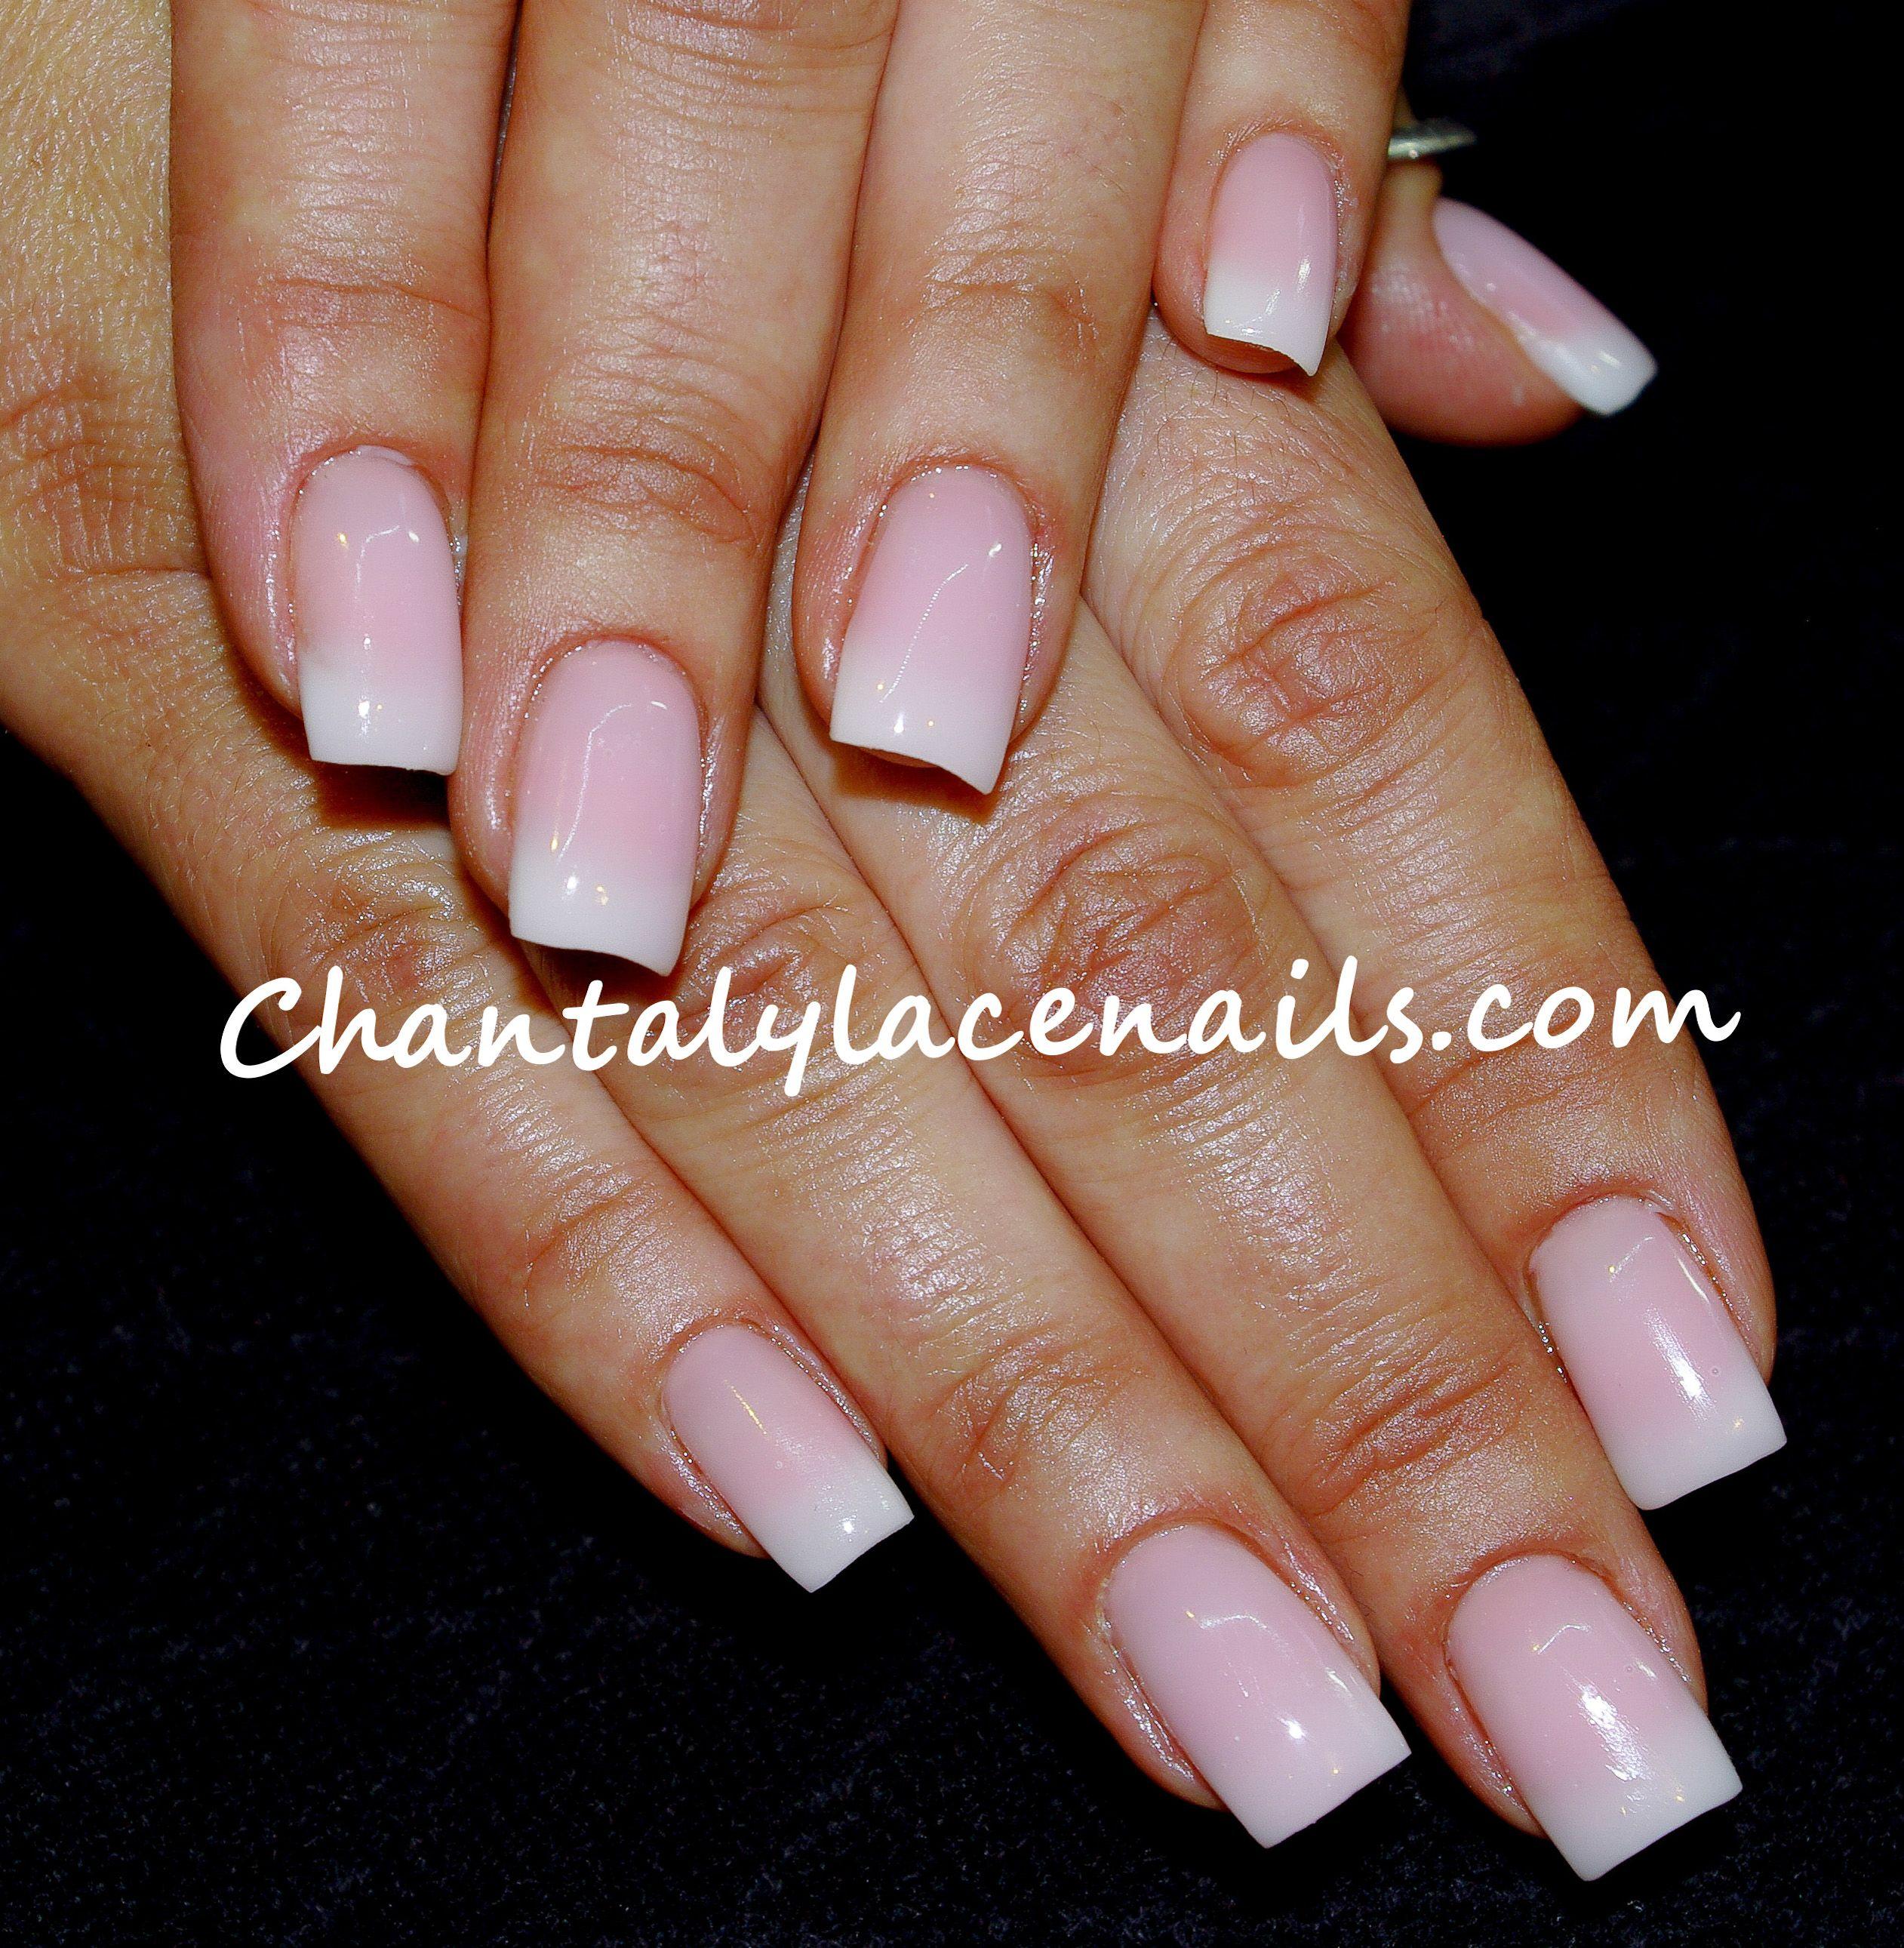 faded French /natural nails | nature! | Pinterest | Natural nails ...